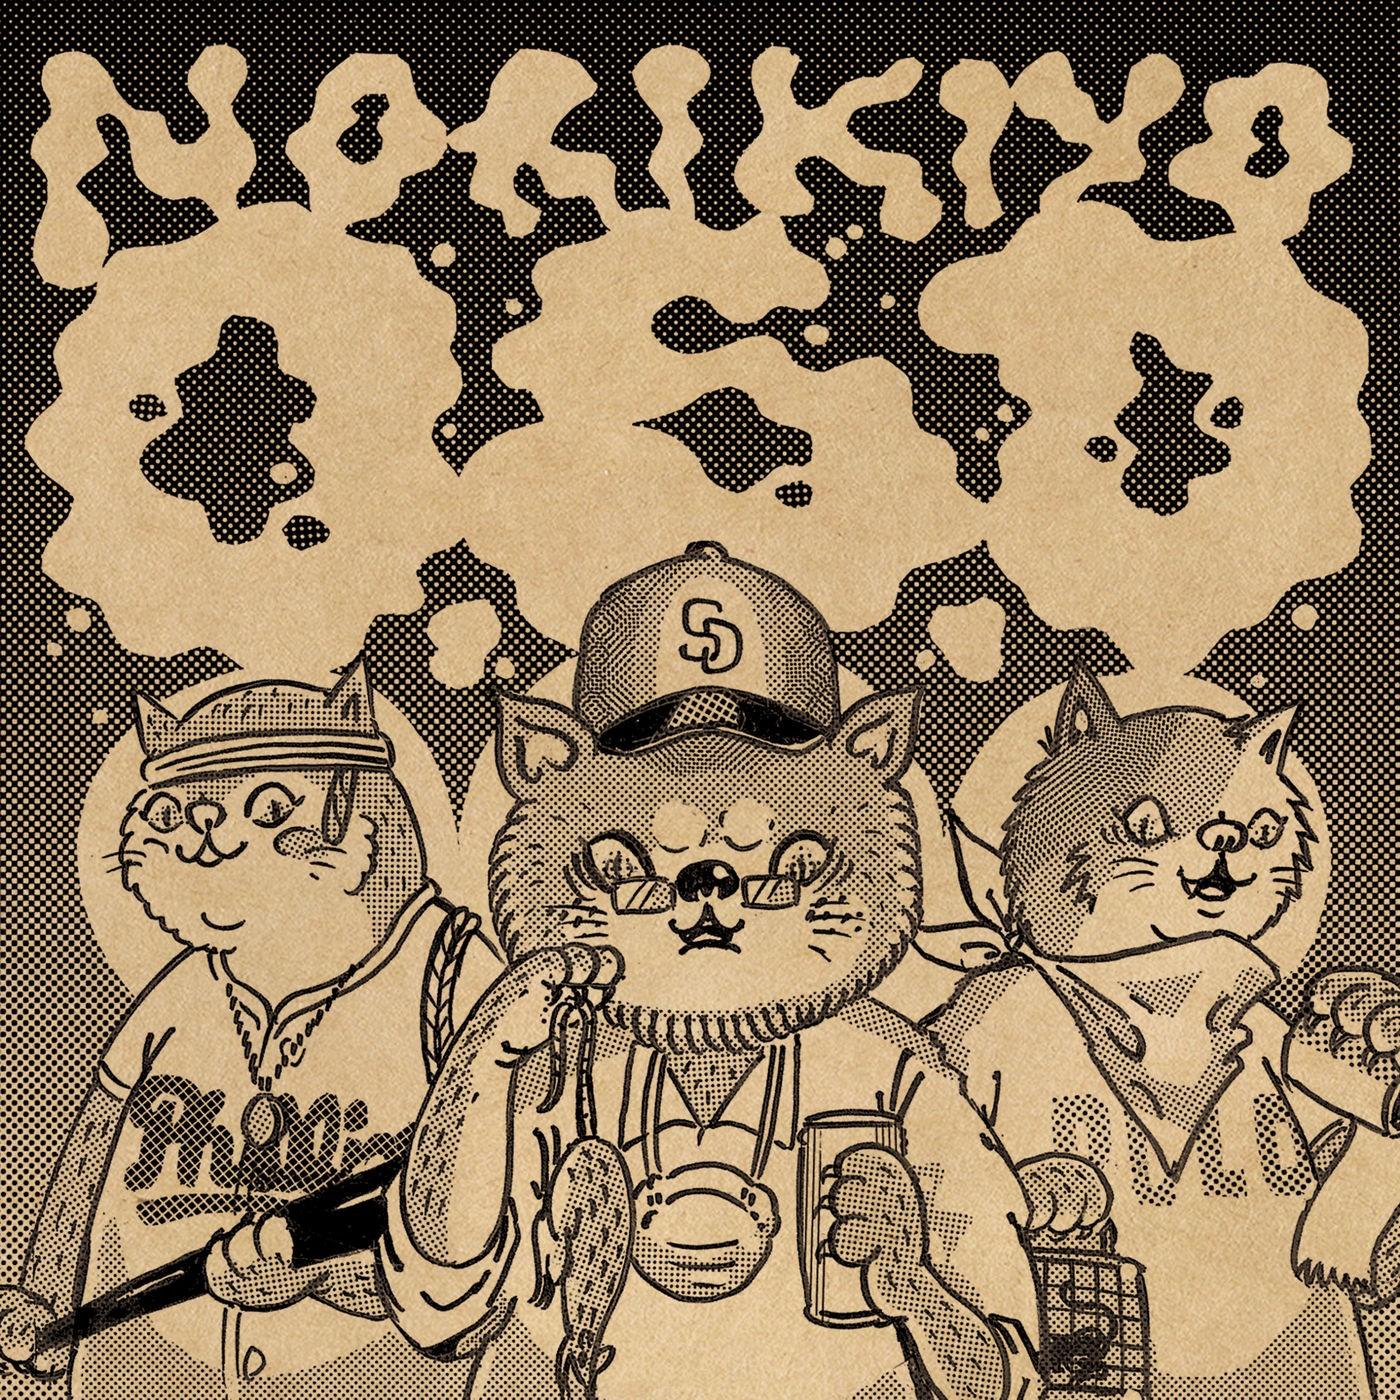 Norikiyo – O.S.D. ~Old School Discipline~ [FLAC / WEB] [2019.01.04]